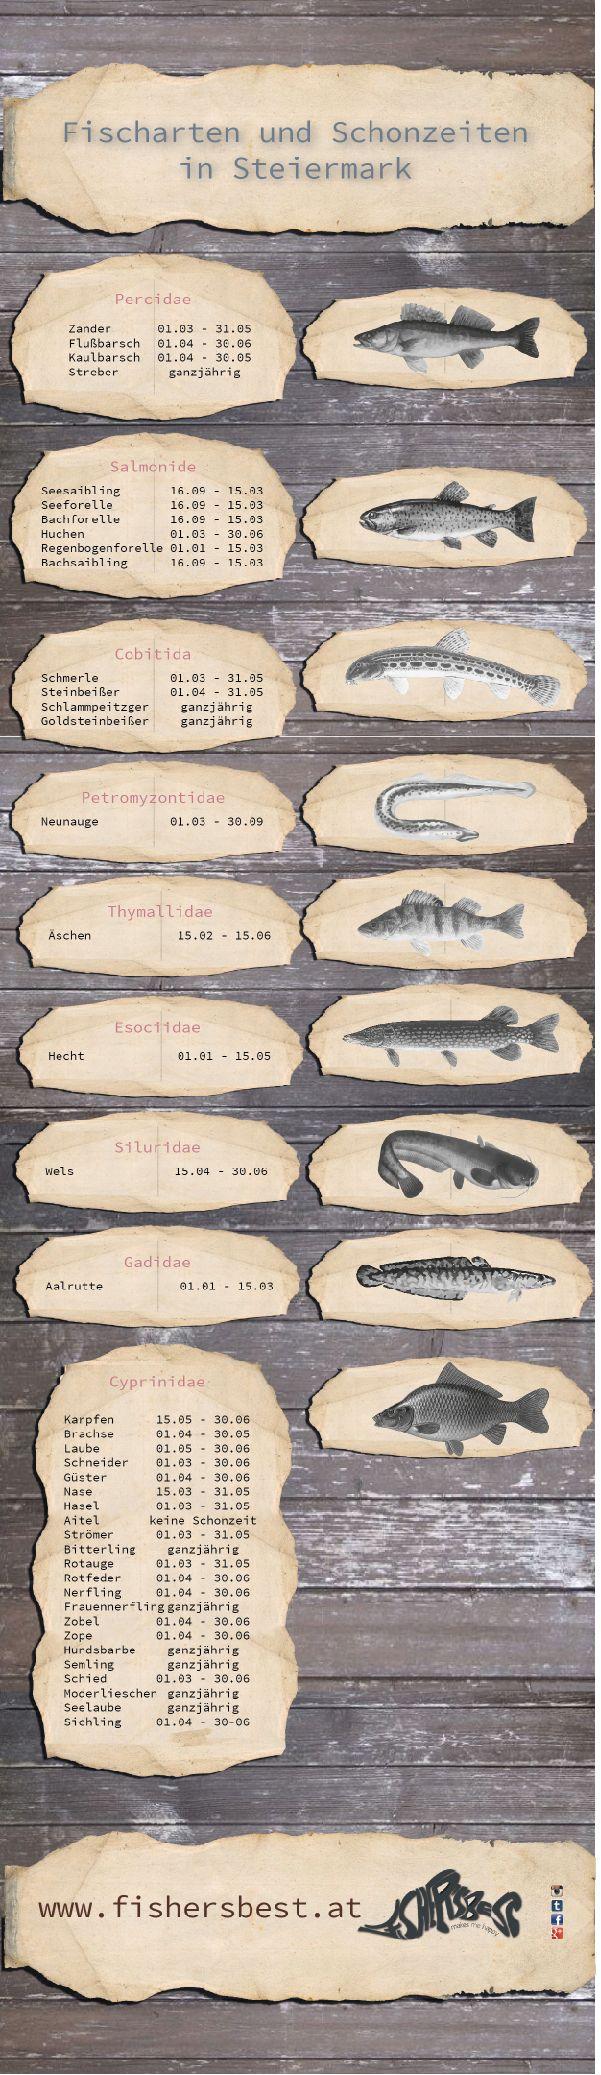 hier eine kleine Hilfe für alle Fischer unter euch. Wann die Schonzeiten für die einzelnen Fischarten in der Steiermark sind. Achtung für jedes Bundesland in Österreich gelten andere Schonzeiten. #fisch #trout #pike #forelle #hecht # zander #waller # wels #catfish #natur #fishing #fishinglifestyle